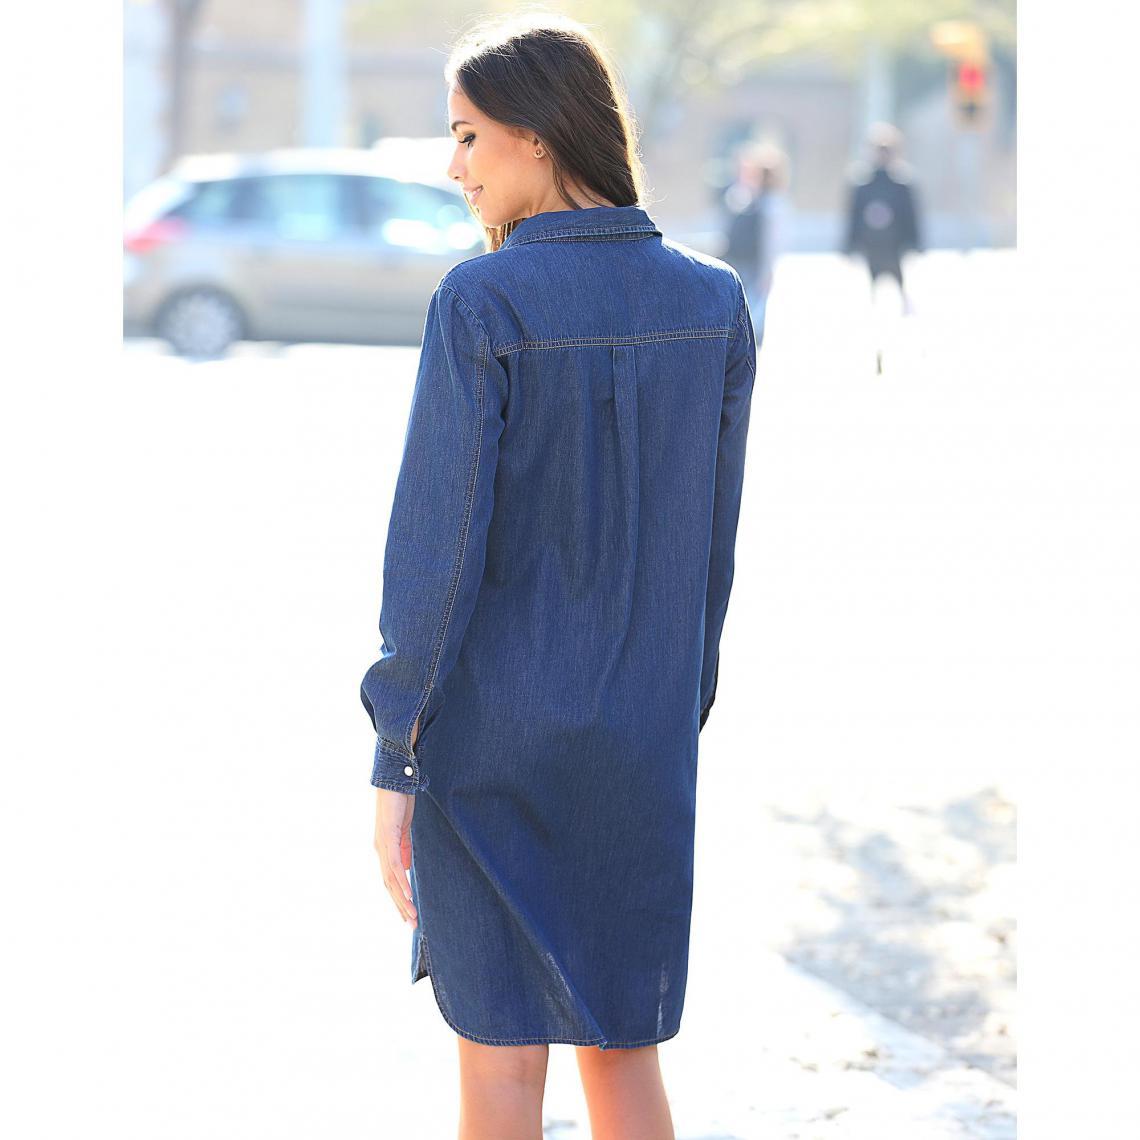 243cc8fce41 Robe courte 3 SUISSES Cliquez l image pour l agrandir. Robe en jean  asymétrique manches longues femme - Denim Bleu ...